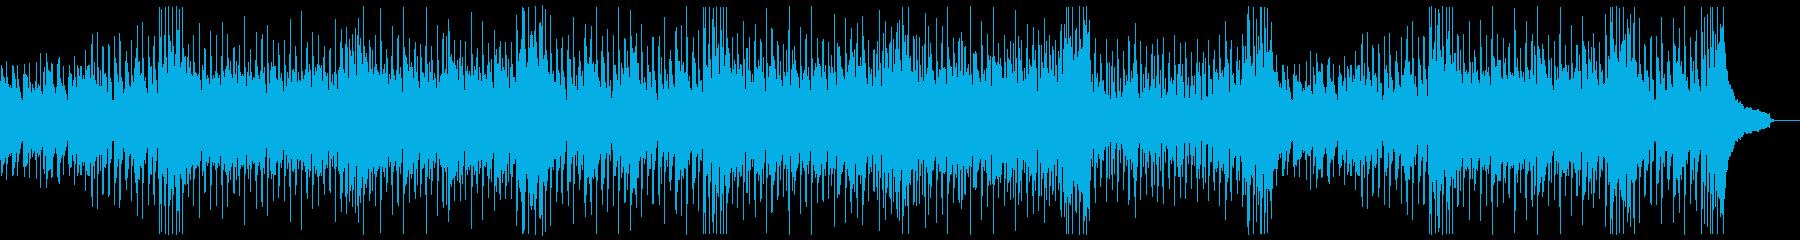 ファンキーイベントオープニング:打楽器抜の再生済みの波形